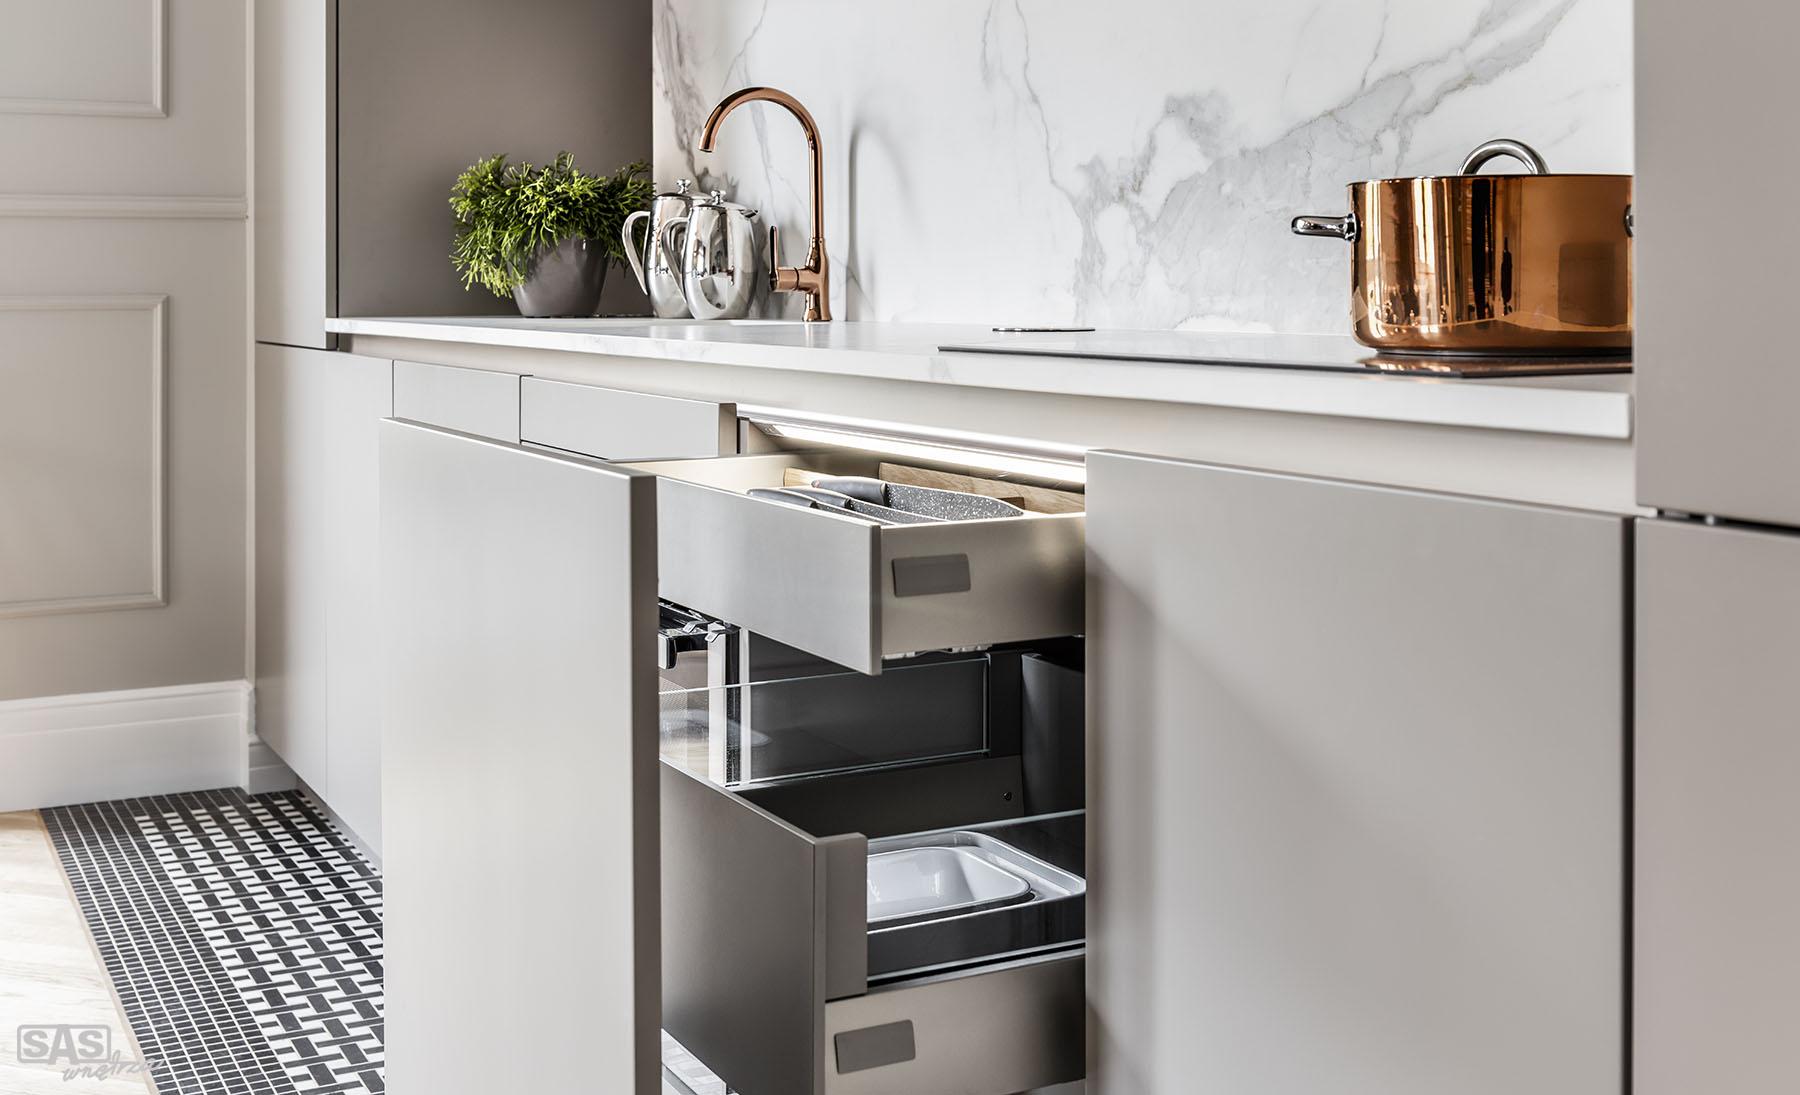 Meble kuchenne Gabriel - meble kuchenne wykonała firma SAS Wnętrza i Kuchnie - projekt architekt wnętrz Emilia Strzempek Plasun.